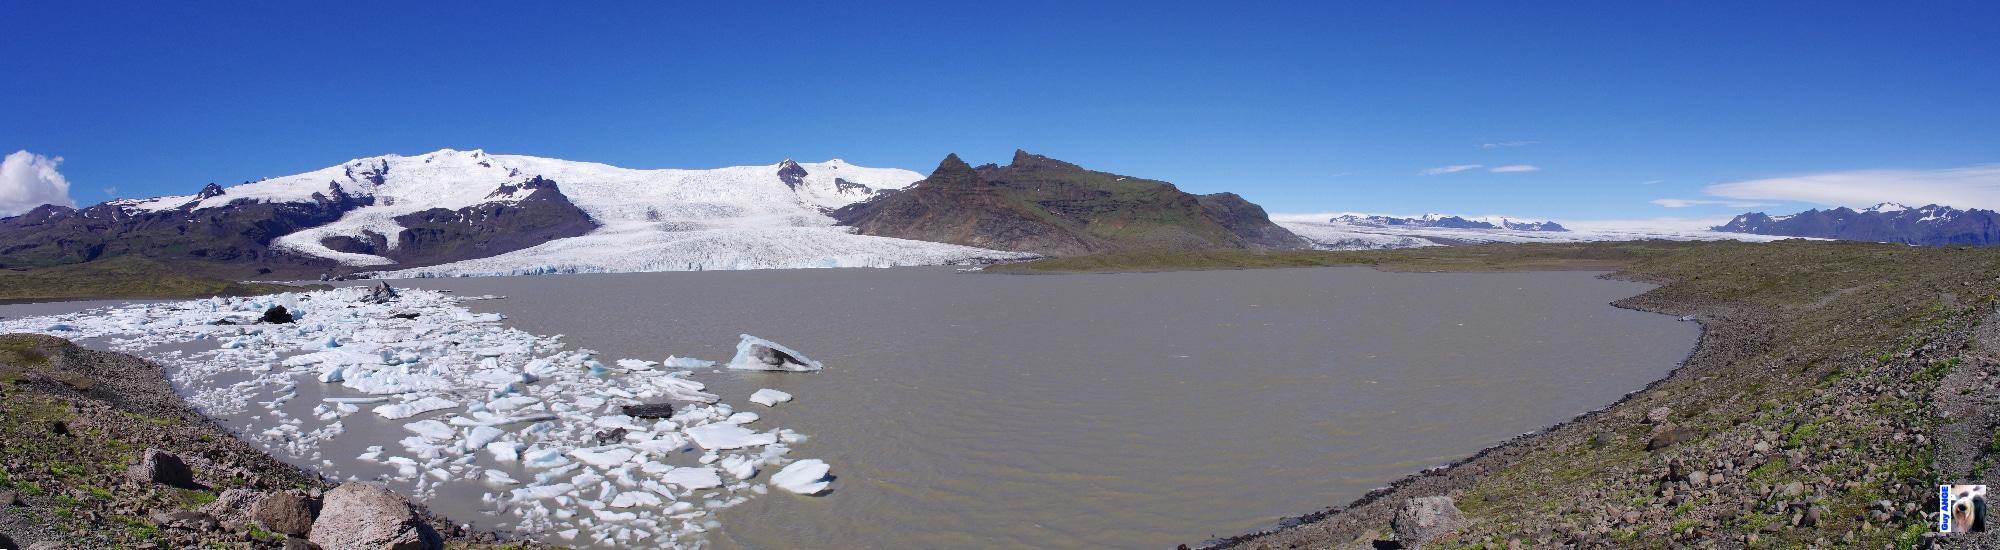 La langue glaciaire de Jökulsárlón issue du Vatnajökull.